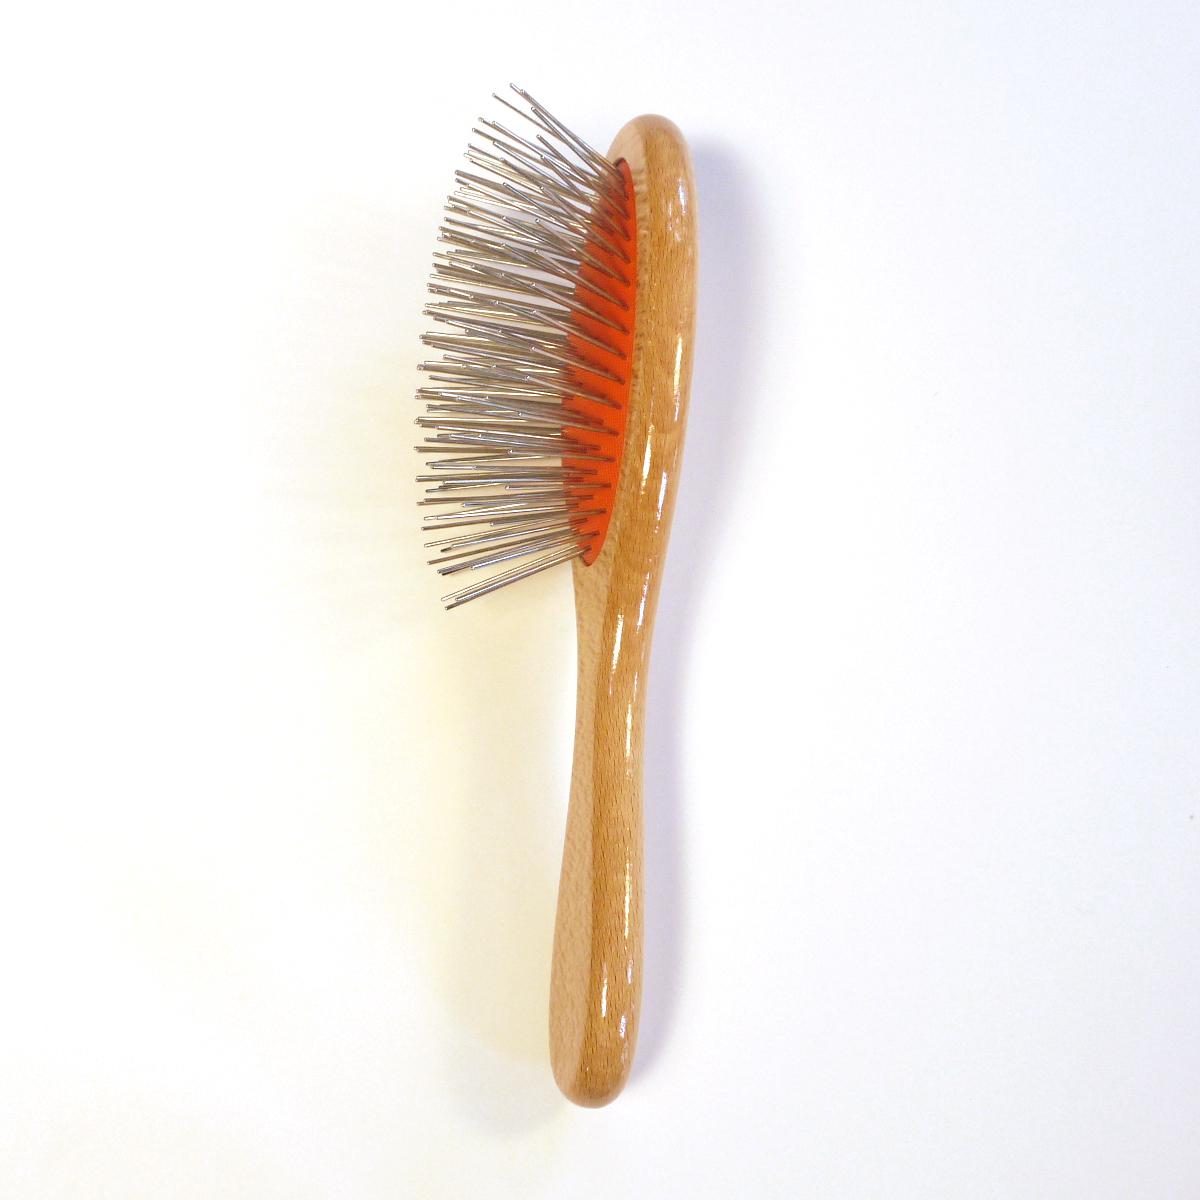 Medium sized Long Pin Finish Brush